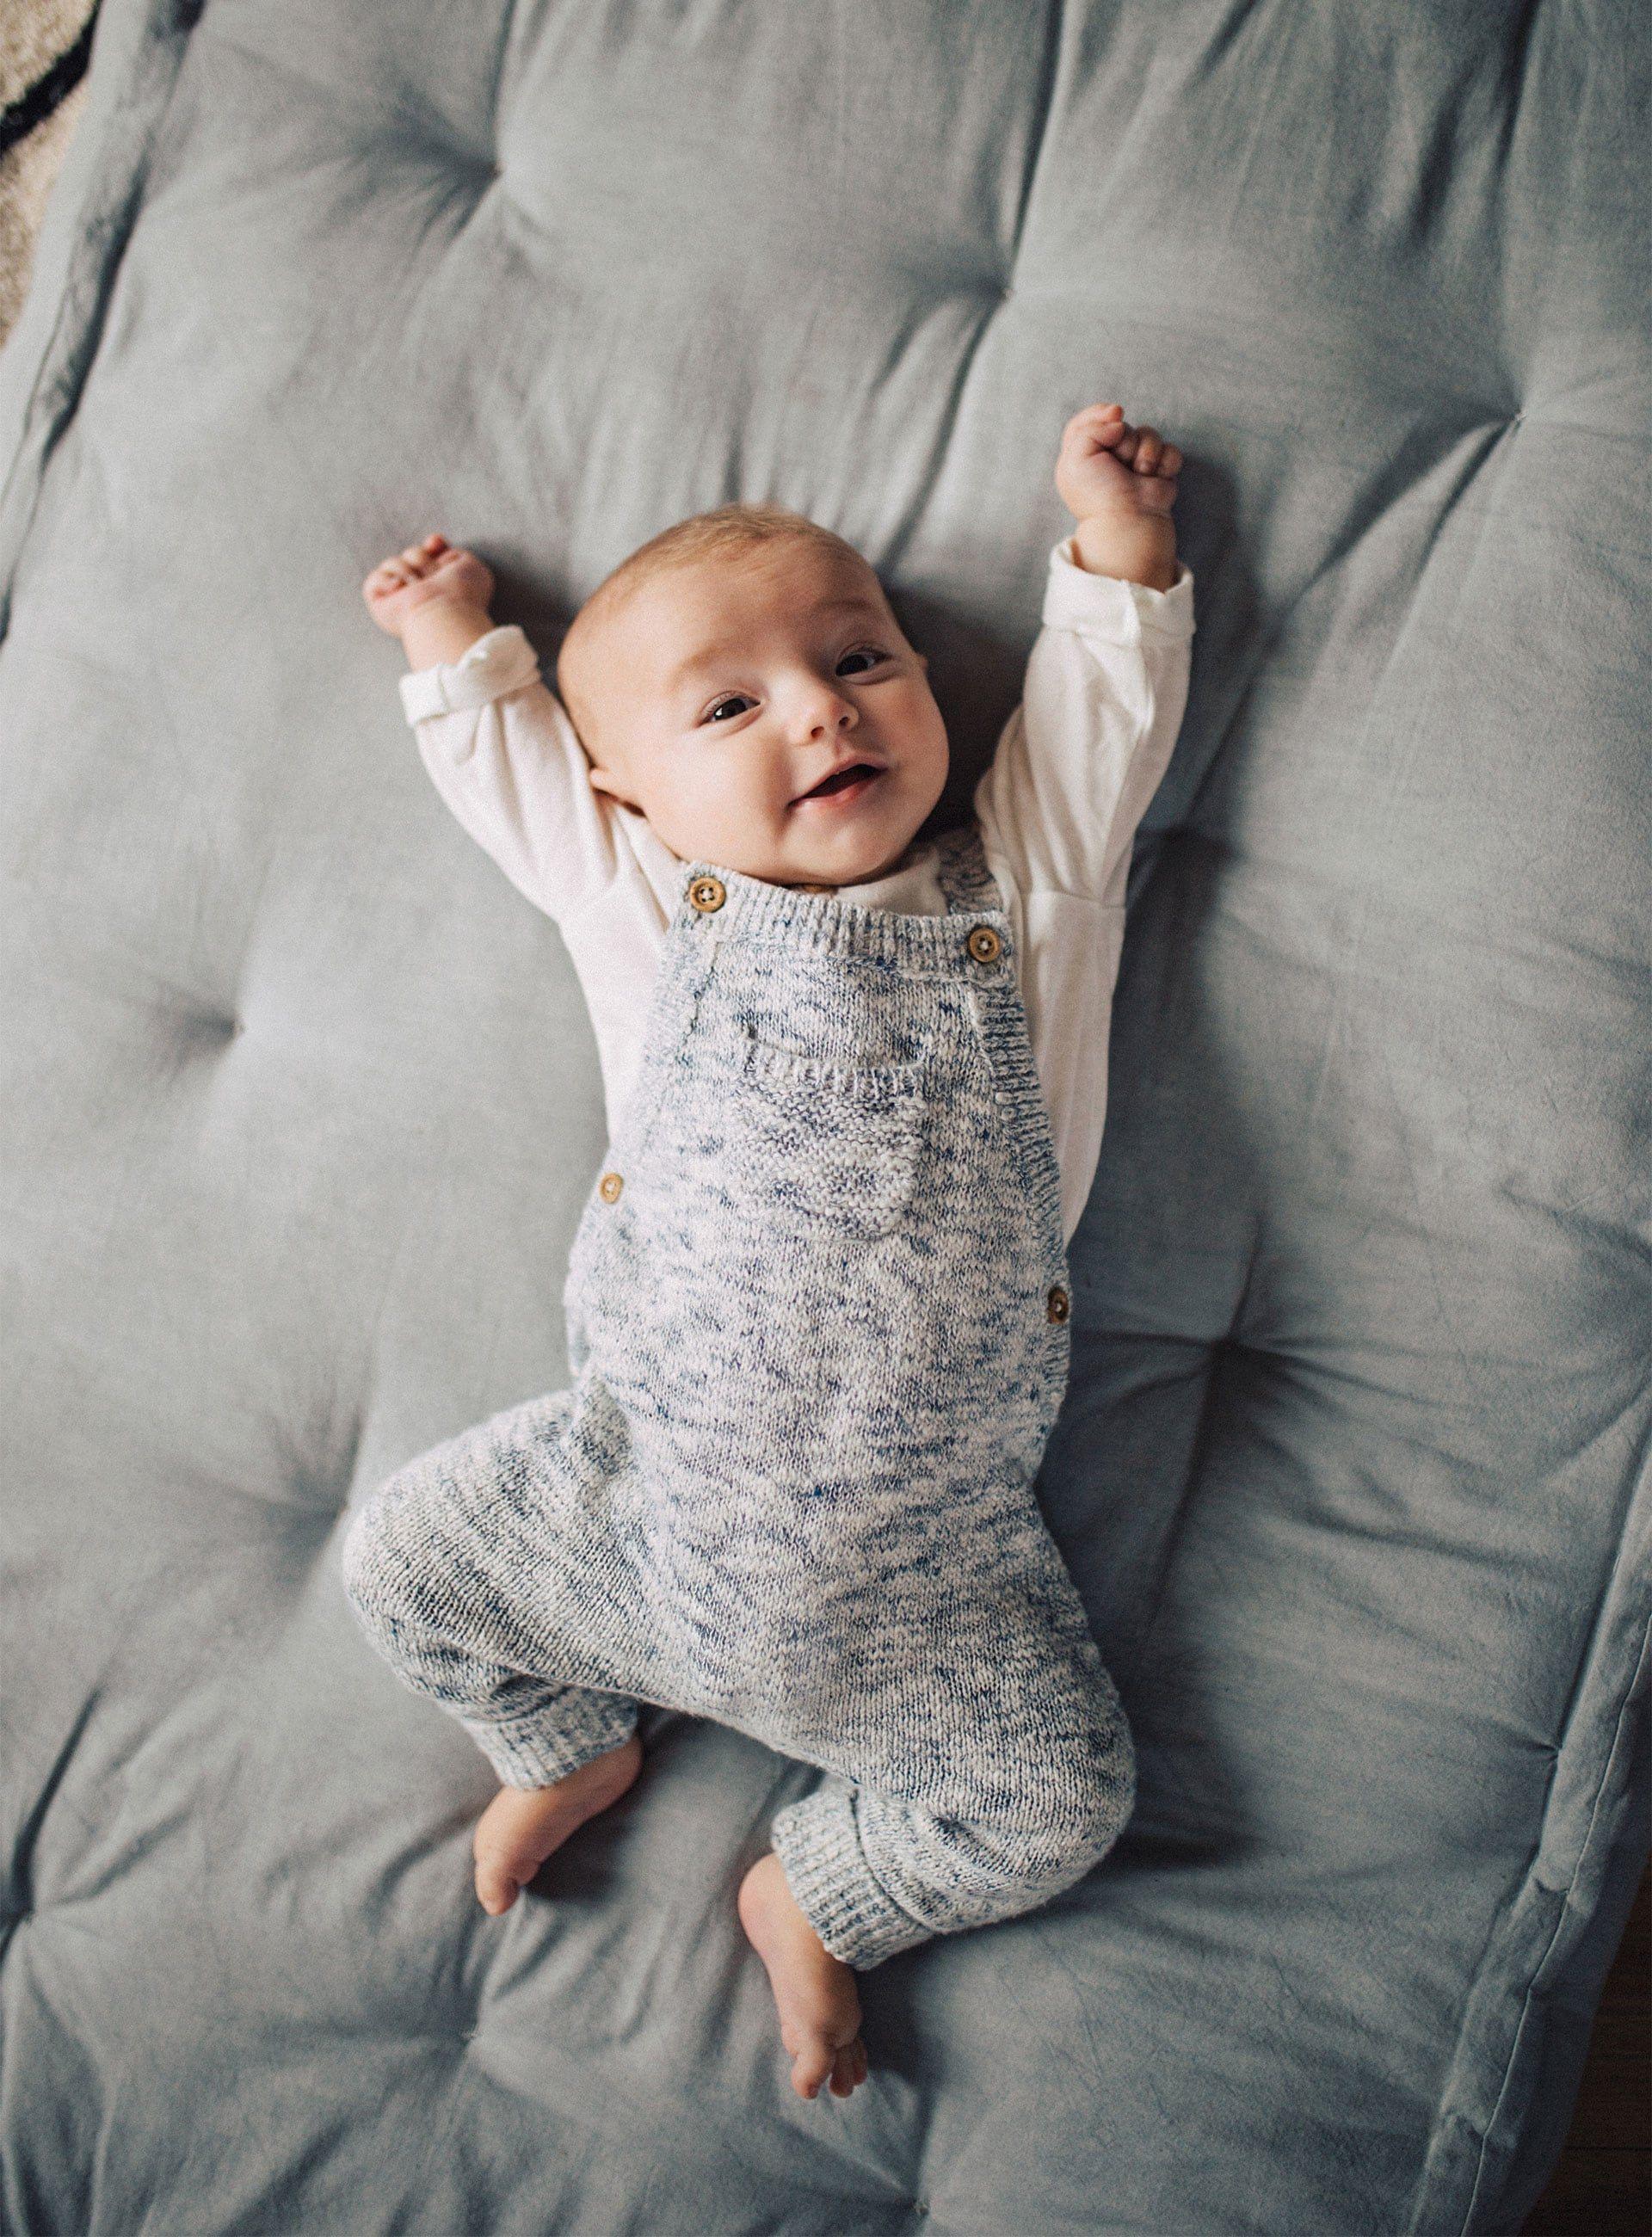 16cc5b590 Así se viste un recién nacido en Zara - La última campaña de Zara te va a  tocar la fibra sensible